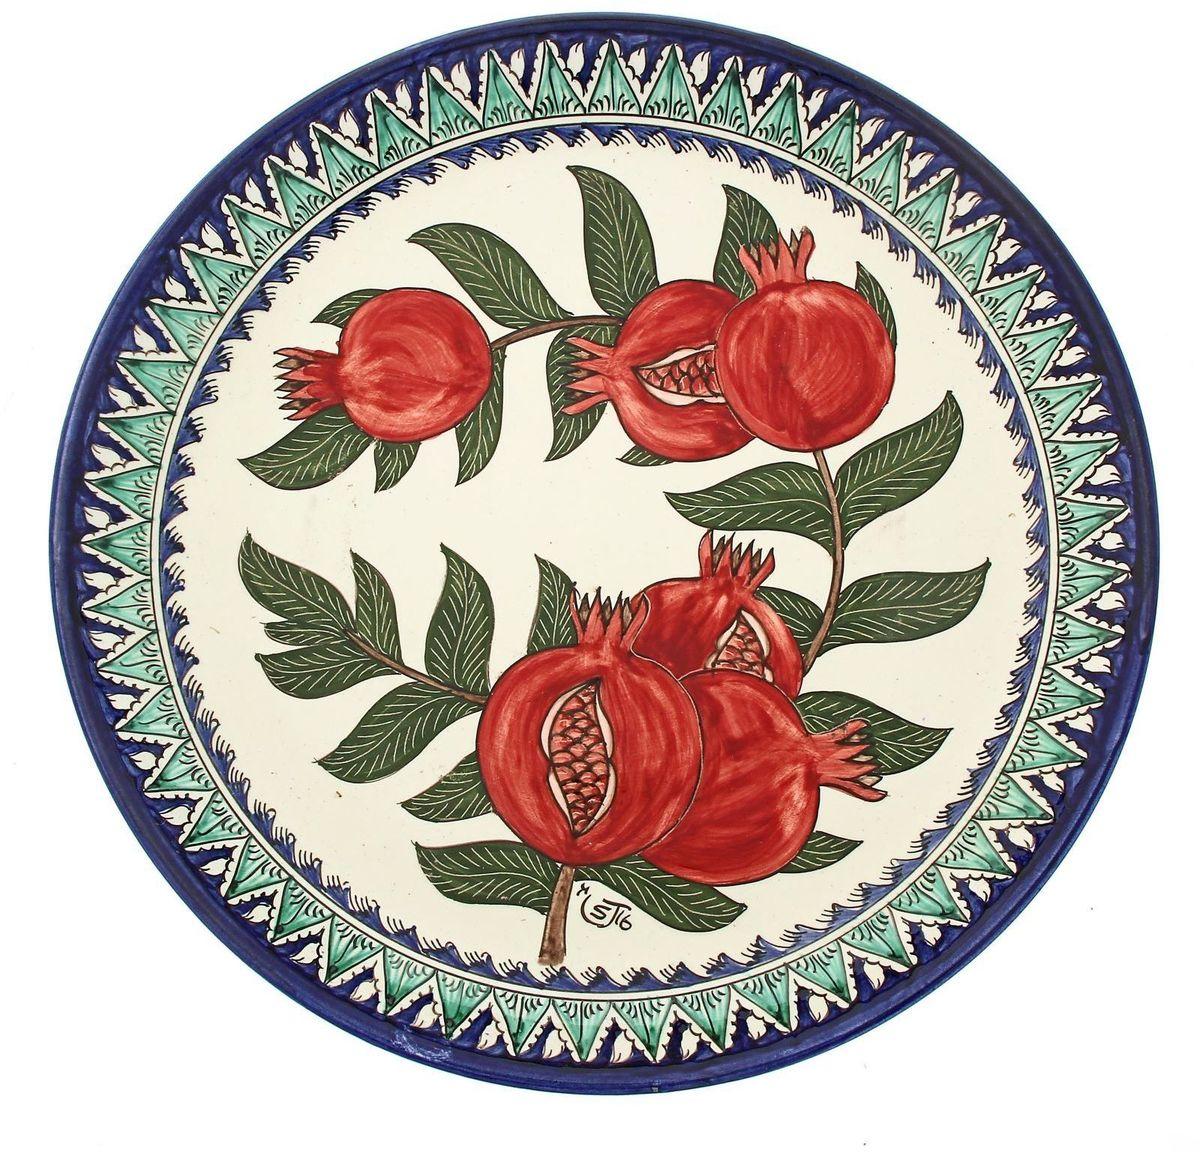 Ляган Риштанская керамика Гранаты, диаметр 36 см. 19242171924217Ляган — это не просто обеденный атрибут, это украшение стола. Посуда с национальной росписью станет отменным подарком для ценителей высокородной посуды.Риштан — город на востоке Узбекистана, один из древнейших в Ферганской долине. С давних времён Риштан славится своим гончарным искусством изготовления цветной керамики. Красноватую глину для изделия добывают в самом городе. Мастера утверждают, что их глина настолько высокого качества, что даже не нуждается в предварительной обработке. Дополните коллекцию кухонных аксессуаров пряными восточными нотами.